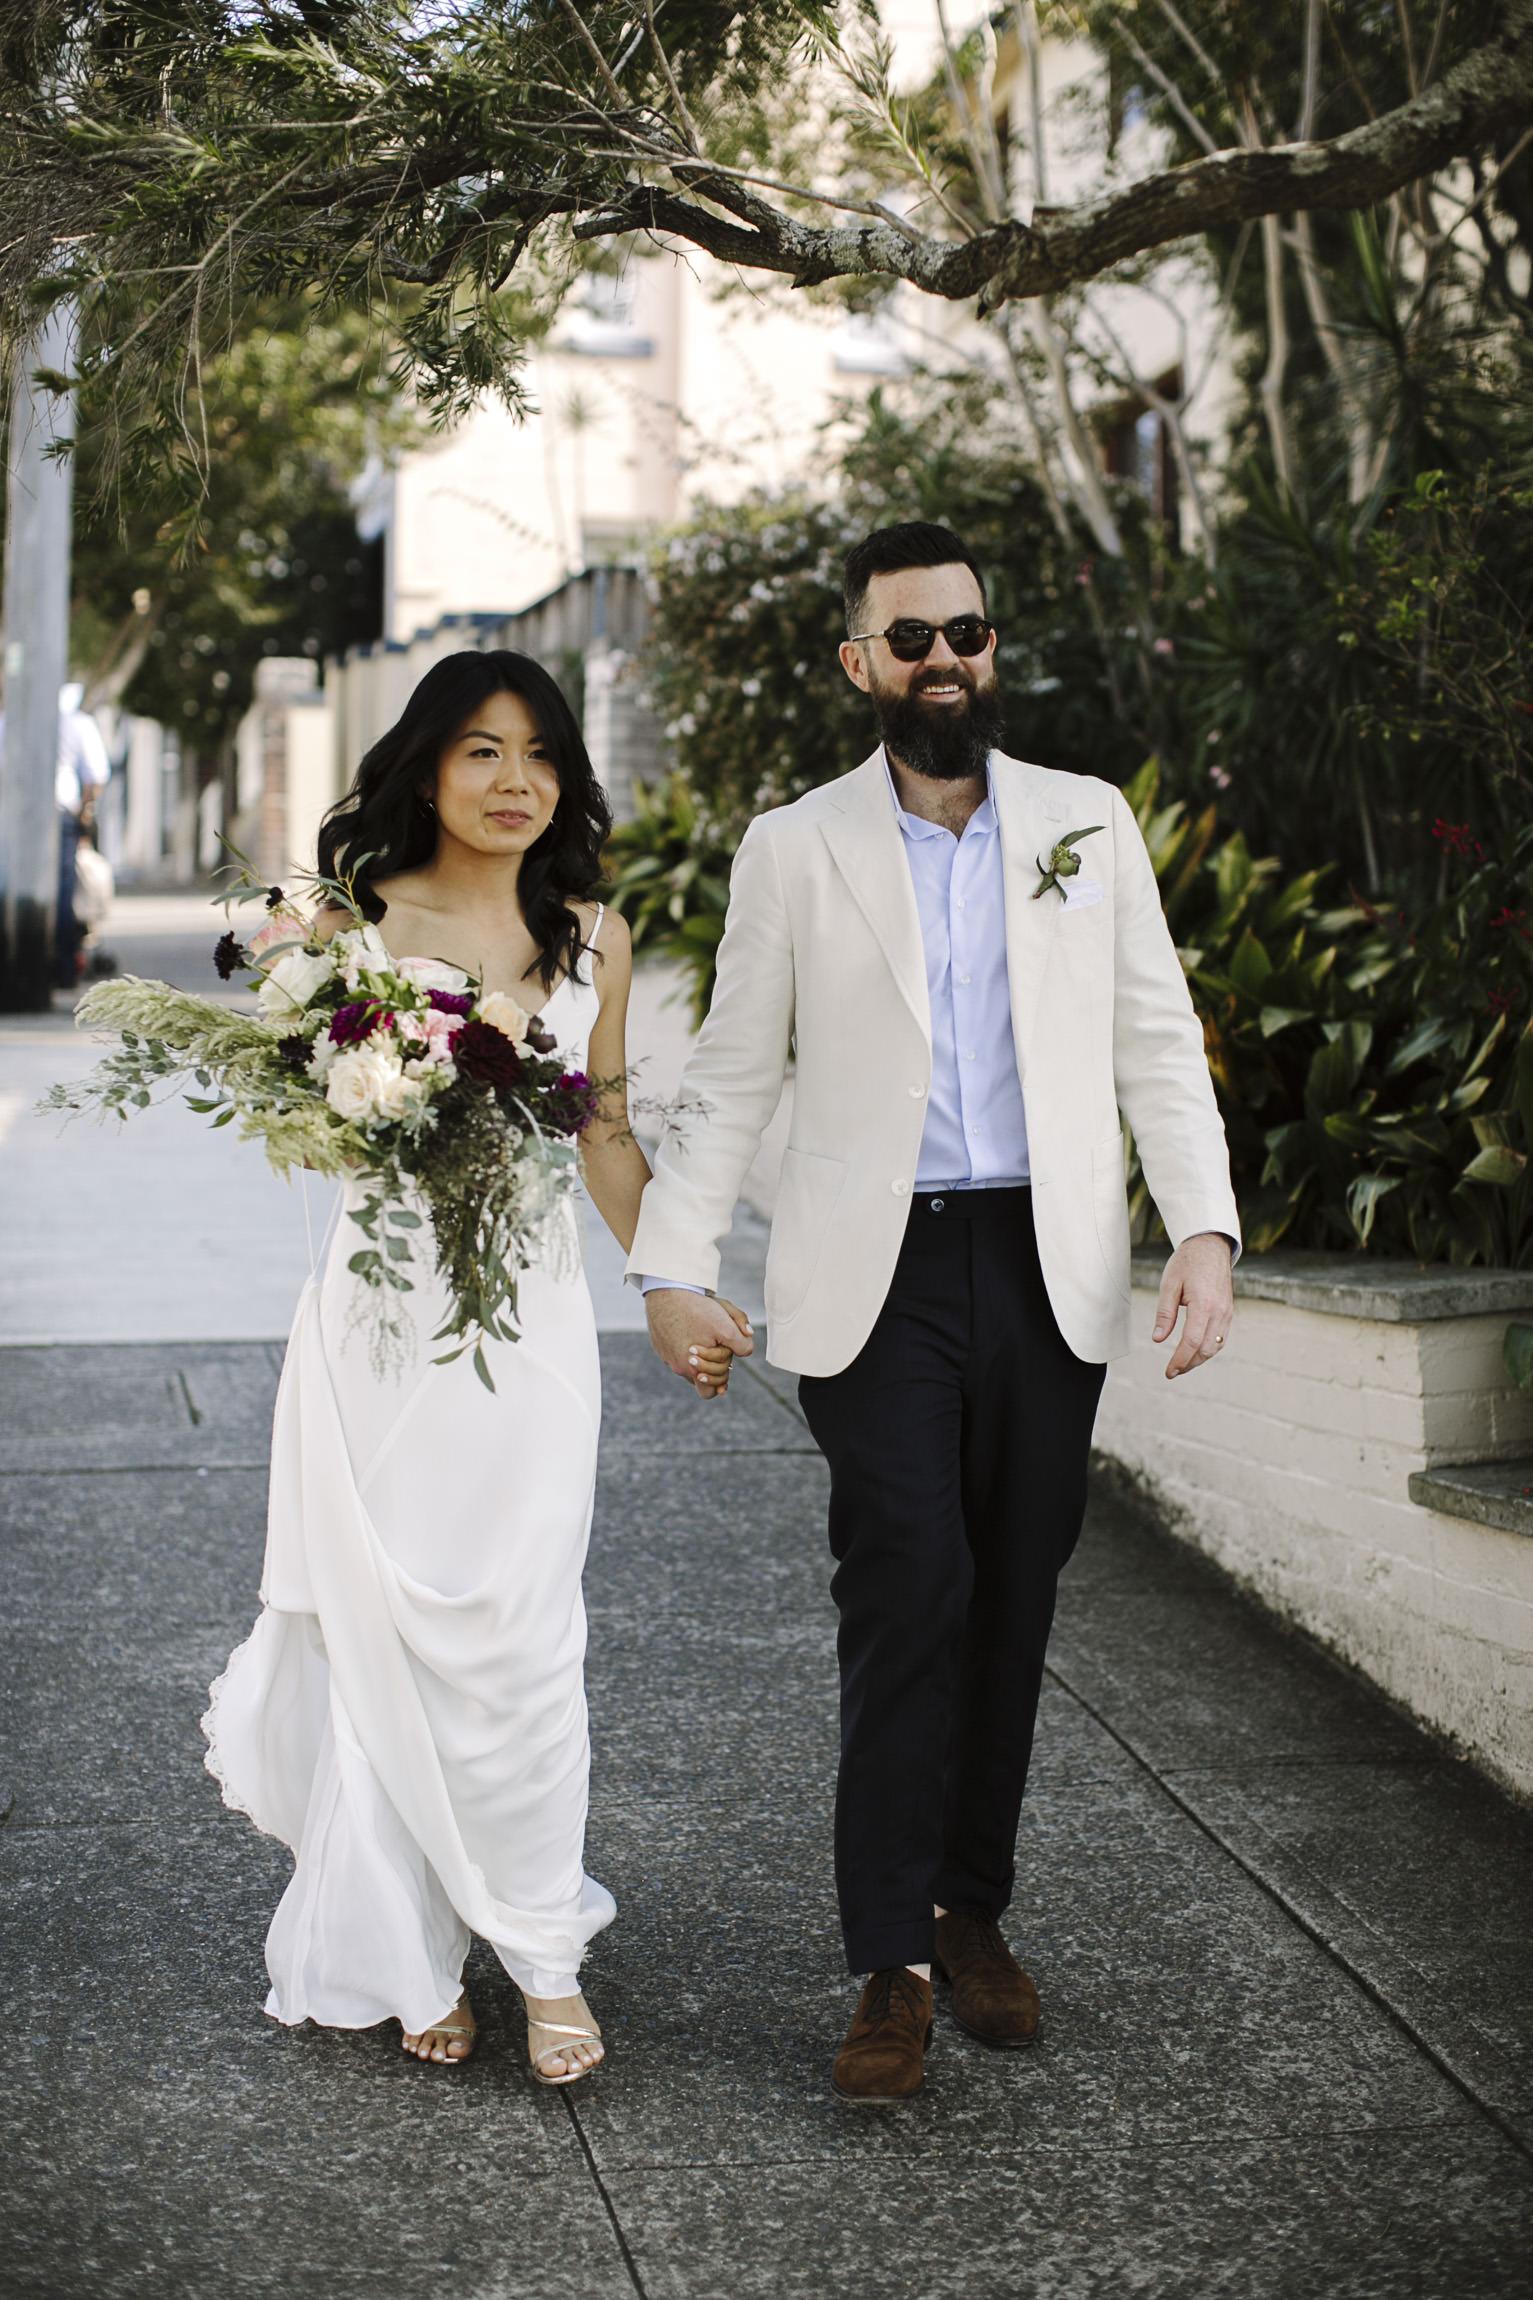 180420_justinaaron_wedding_yang_ben_h-194.jpg